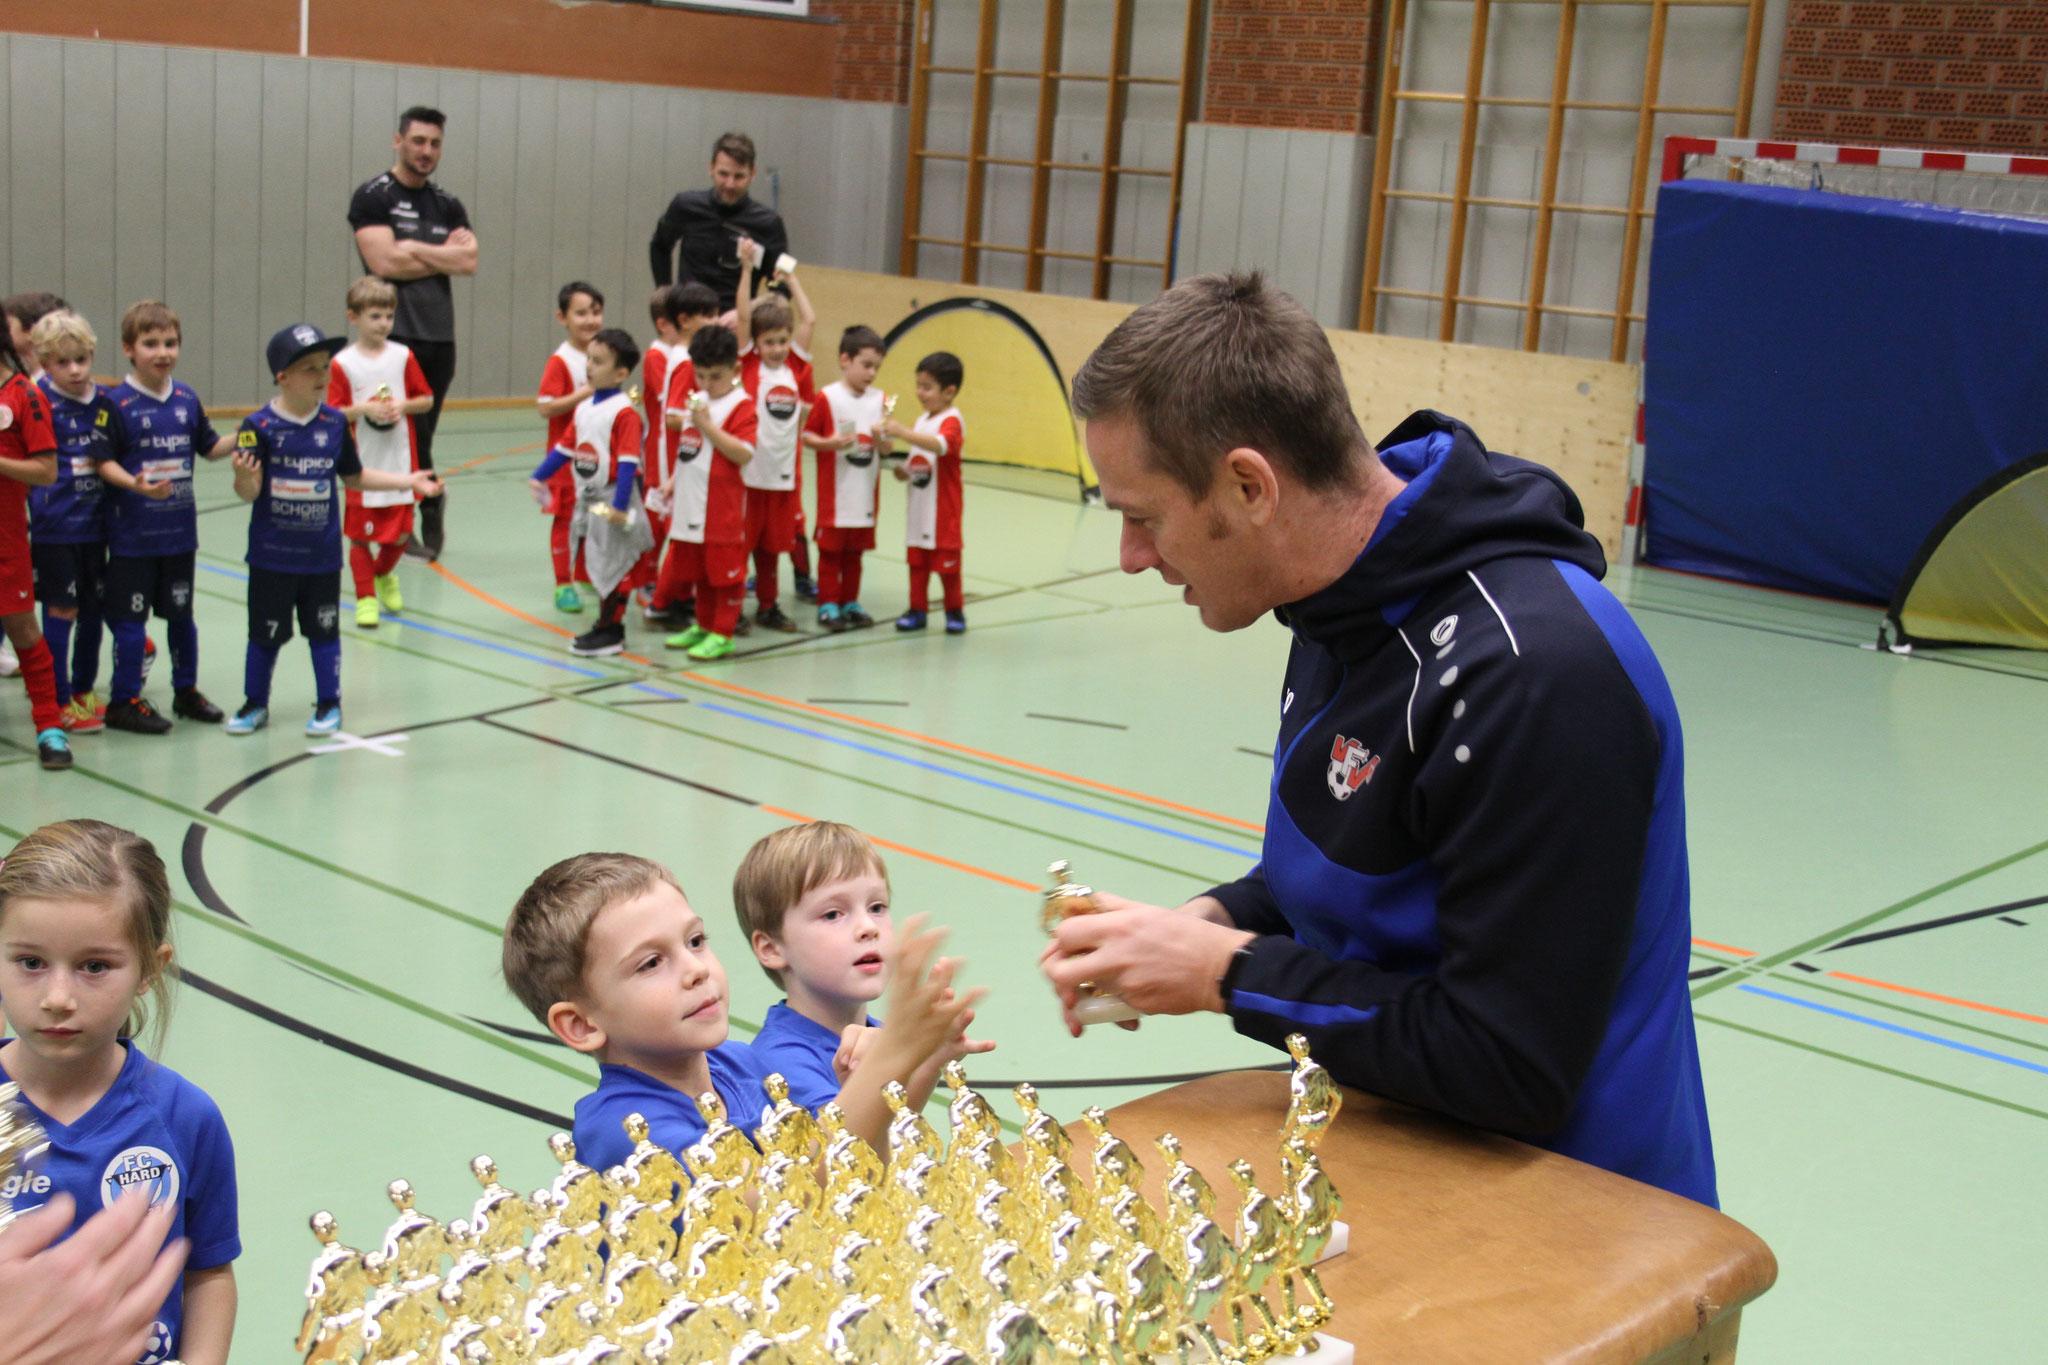 VFV-Leiter-Kinderfußball Oliver Mattle übergab die Pokale an die Spieler